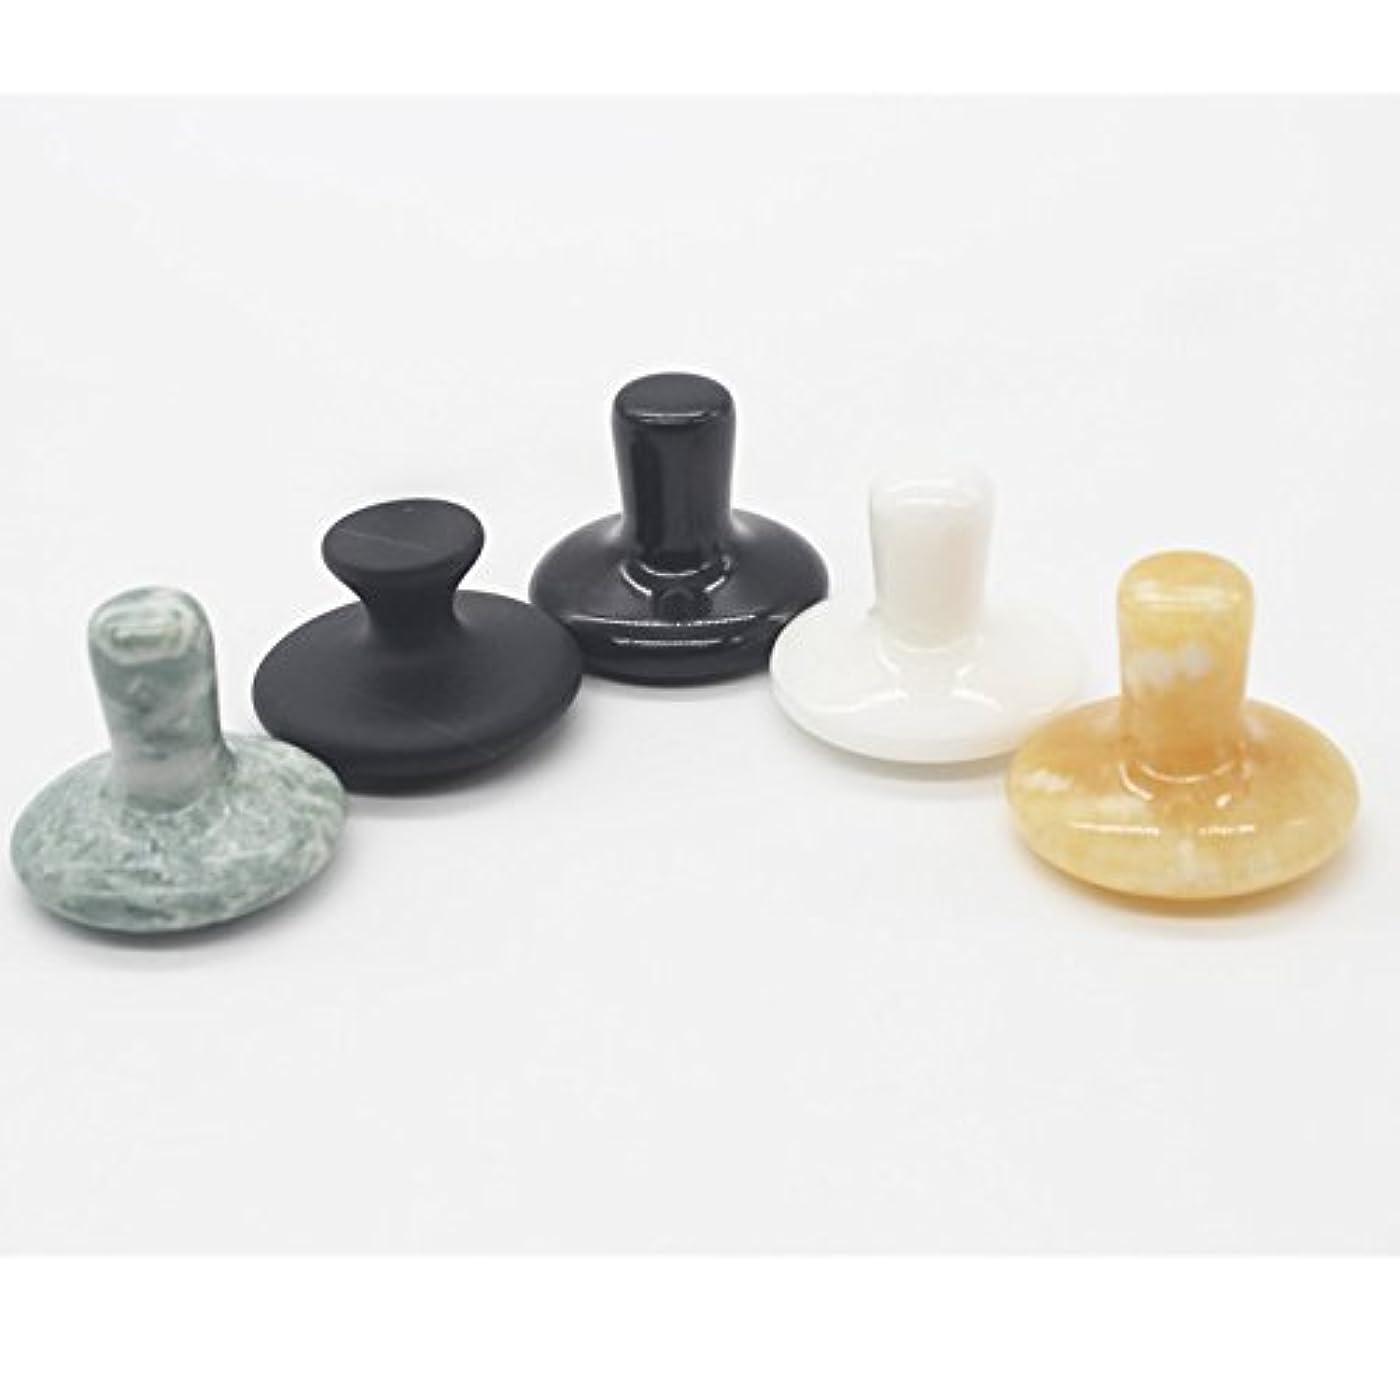 巨人大学生セールスマン5点セット天然石キノコ,しいたけの形状のマッサージ棒 足つぼ?手のひら かっさホットストーンHOT STONES Mushroom shape Natural massage Gua Sha Stone 5 pieces